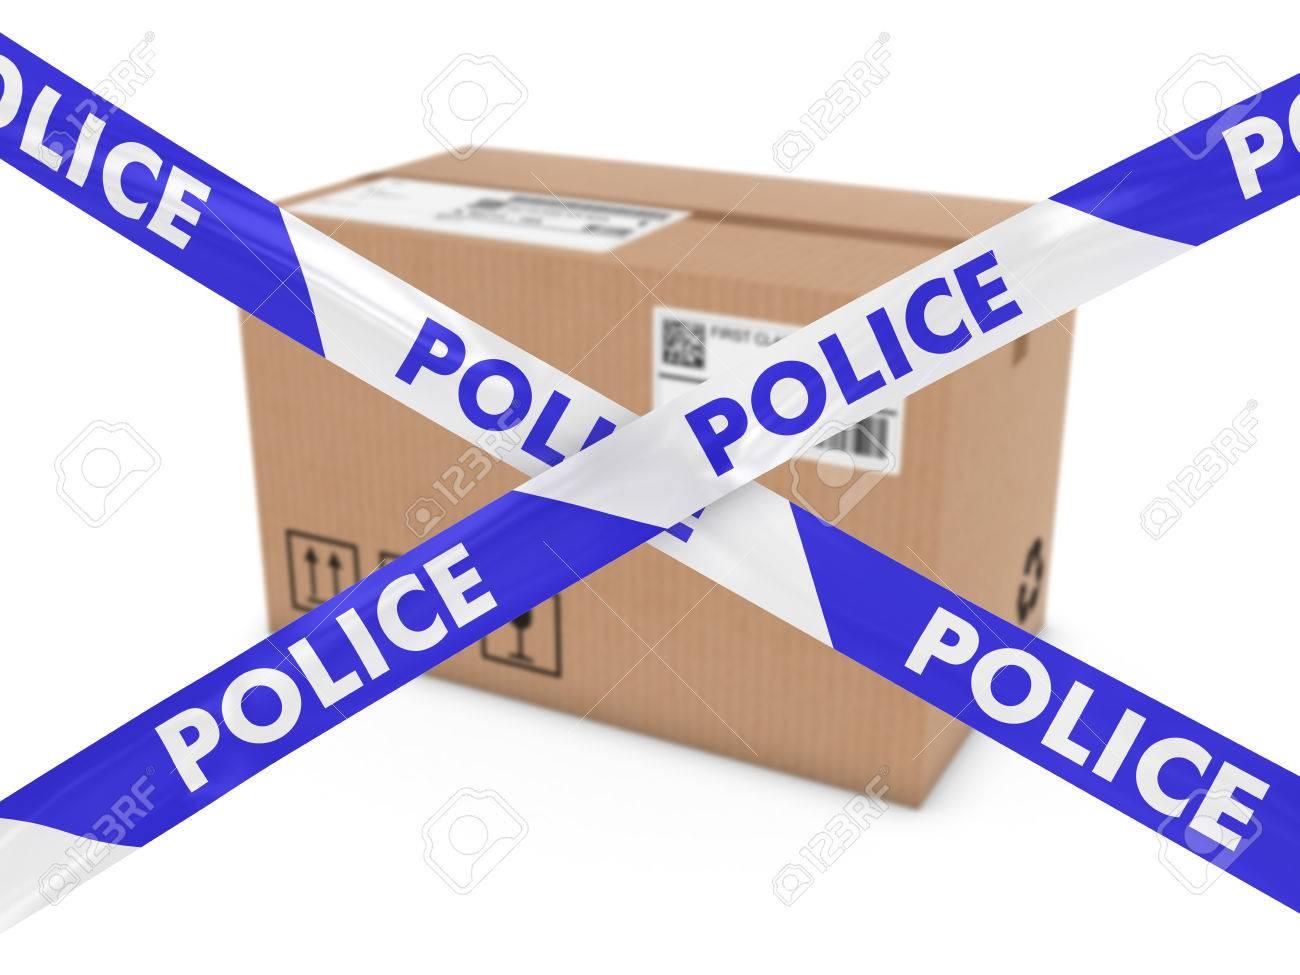 不審な小包コンセプト - テープ警戒線の後ろに段ボール箱 の写真素材 ...